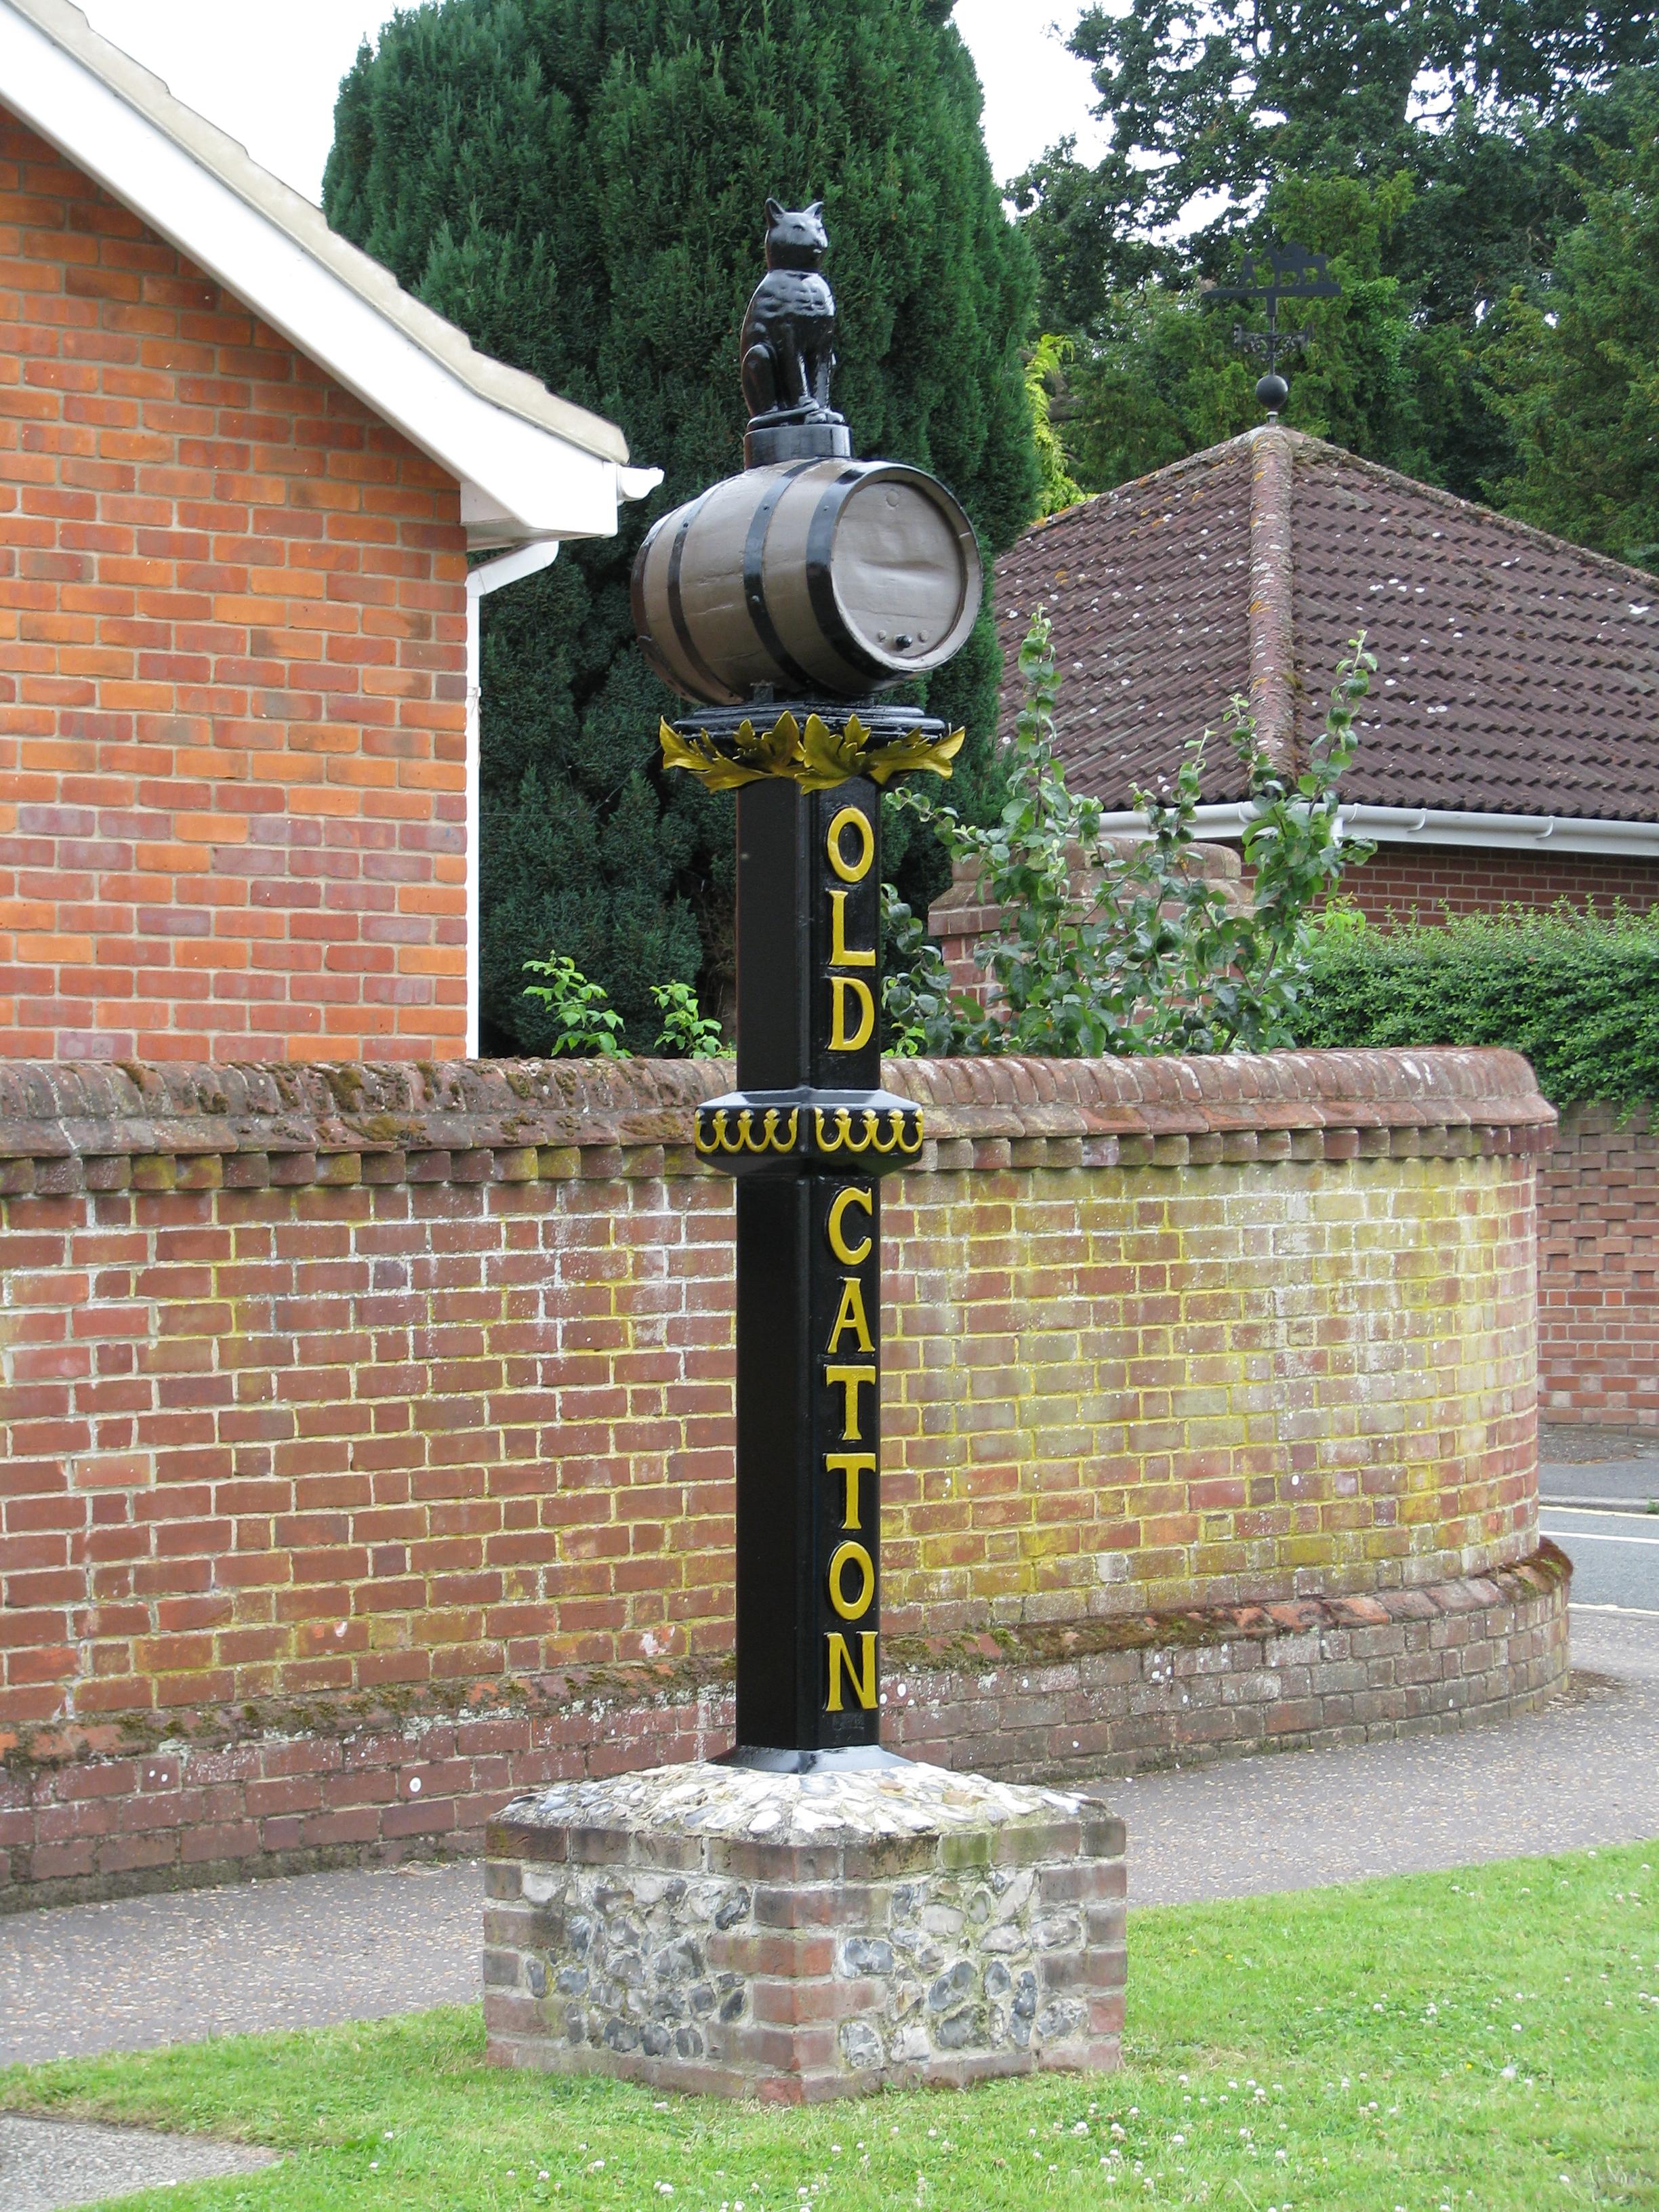 Village sign - June 2013